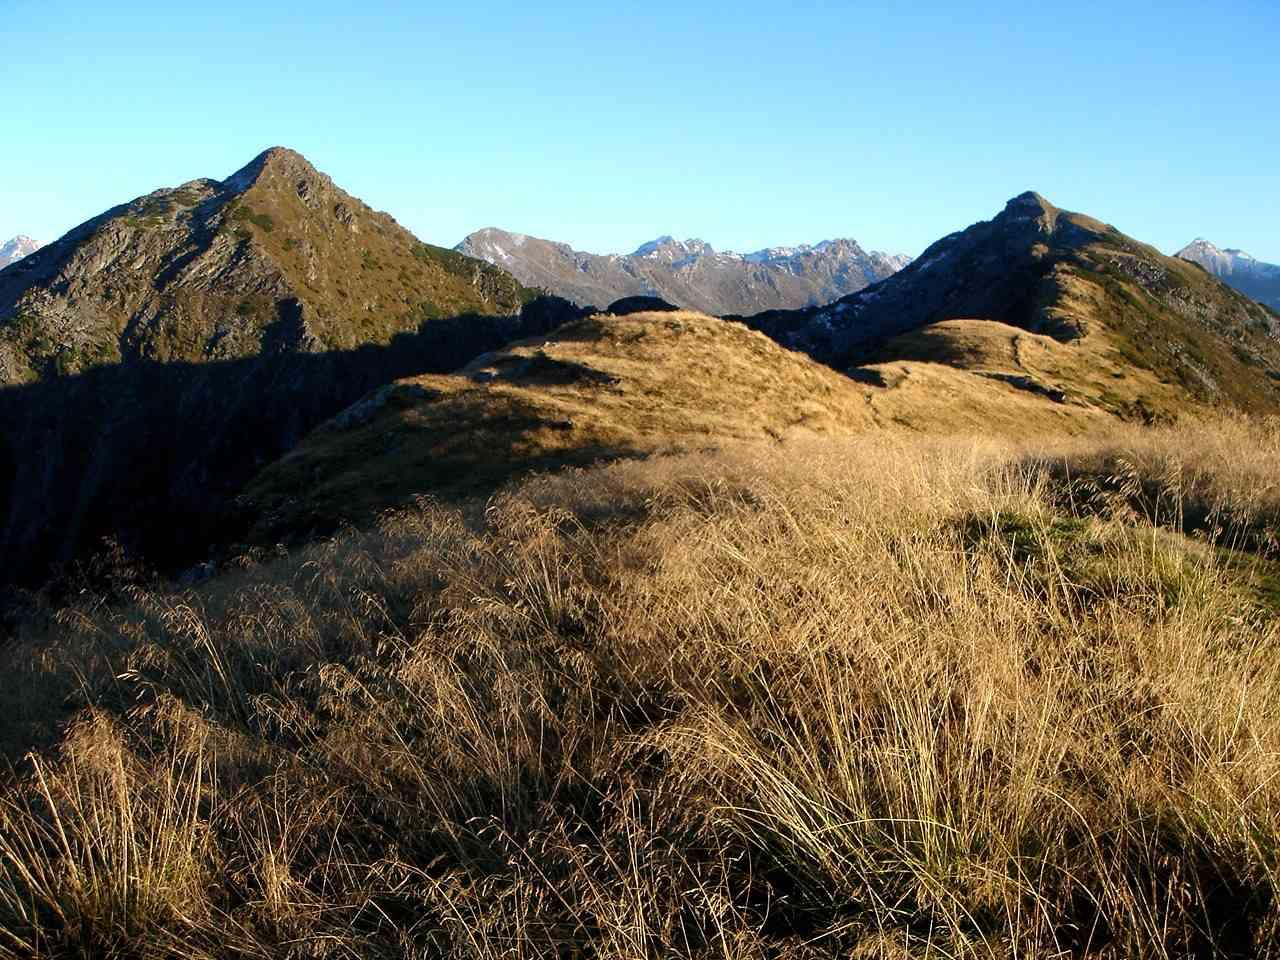 Foto: Manfred Karl / Wander Tour / Gipfelrunde von der Reiteralm auf den Schober (2133m) / Rückblick zum Schober und Ruppeteck / 19.06.2007 05:54:27